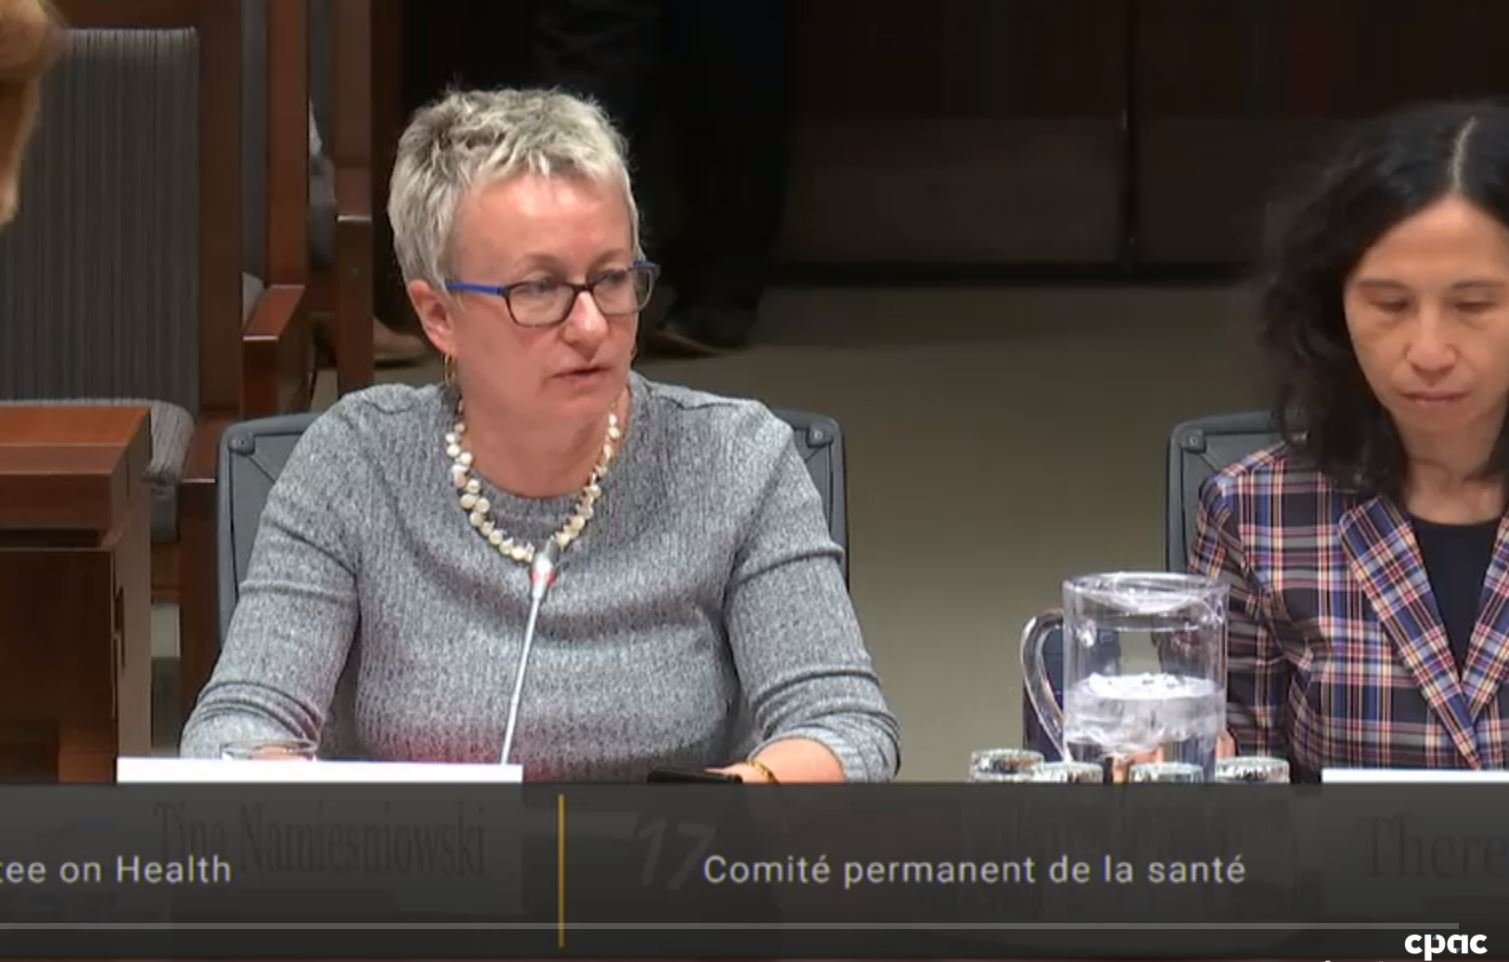 POURQUOI ? LA PRÉSIDENTE DE L'AGENCE DE LA SANTÉ PUBLIQUE DU CANADA DÉMISSIONNE :  VOICI LES EXPLICATIONS